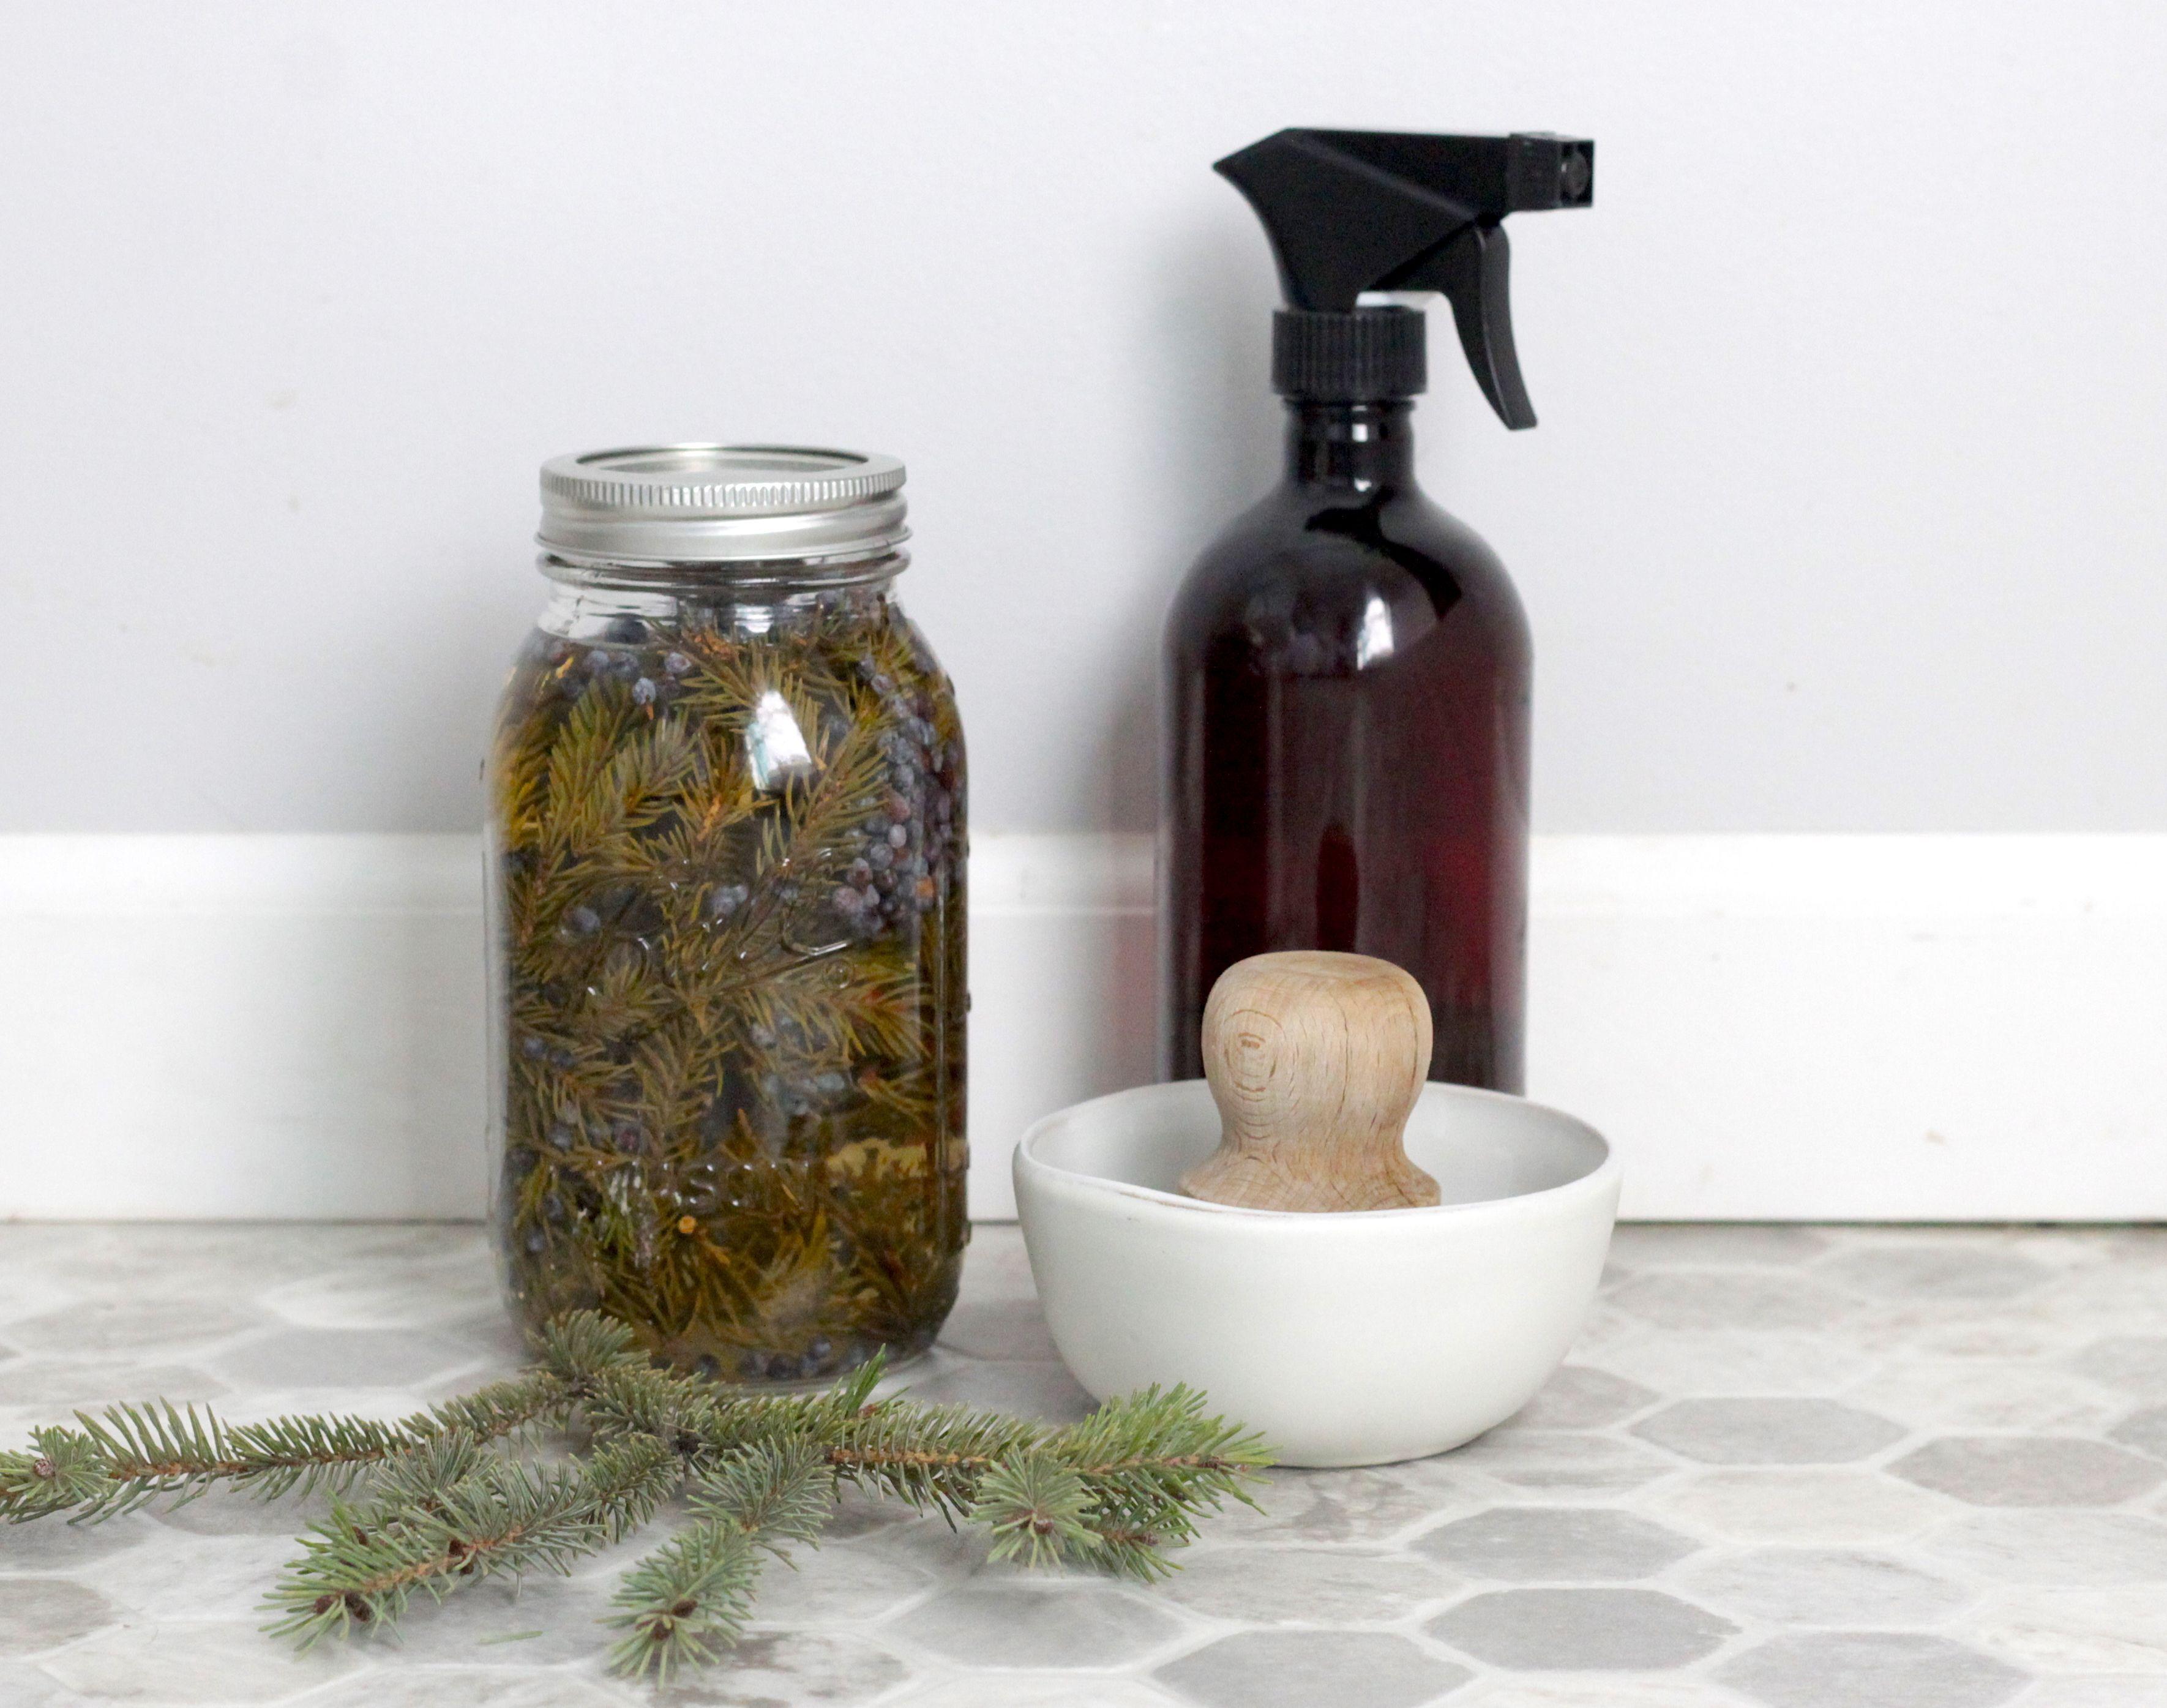 Diy pine scented allpurpose cleaner recipe pine